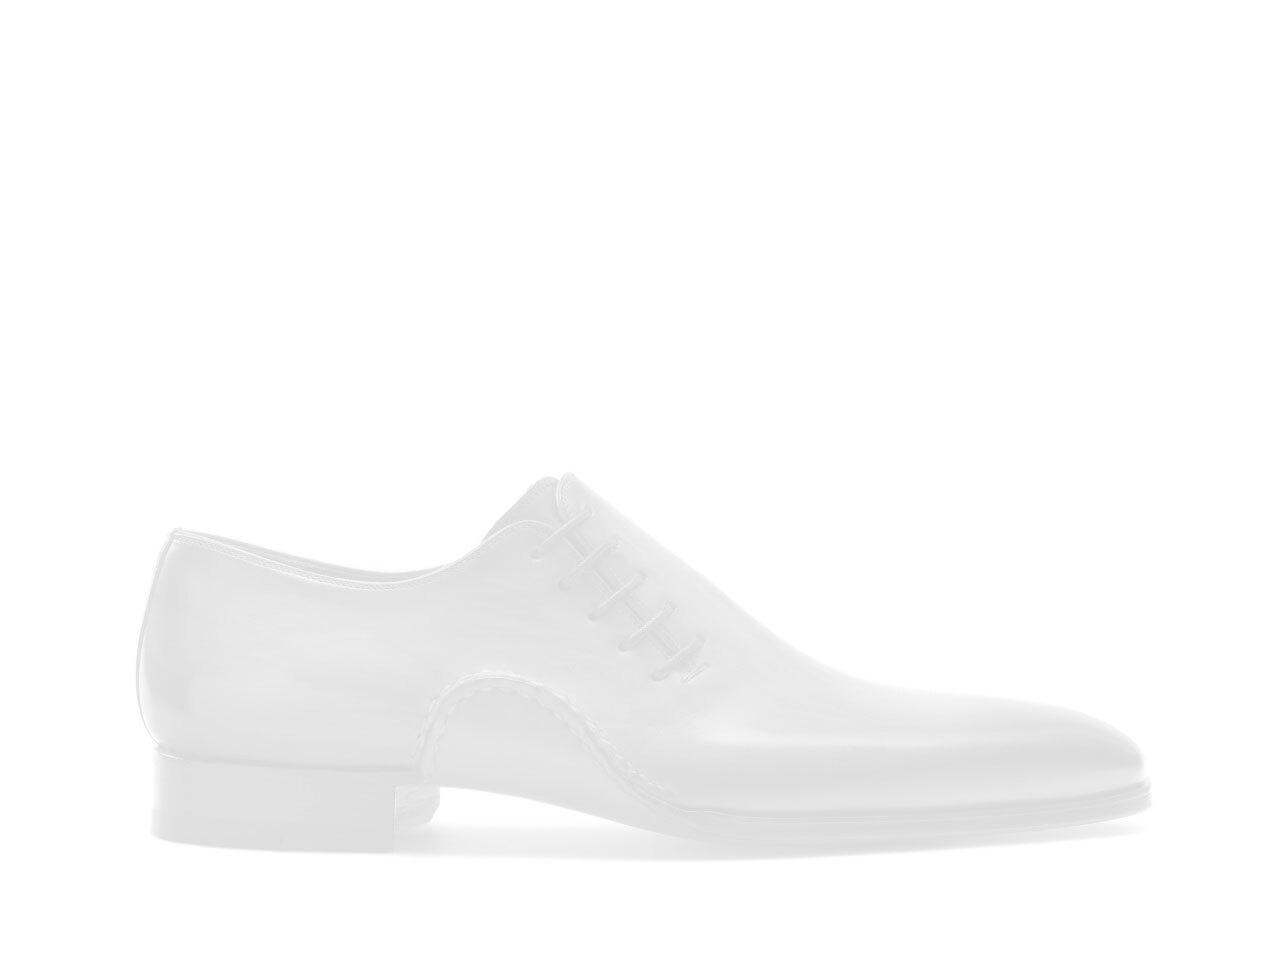 Pair of the Magnanni Medrano Cognac Men's Designer Boots